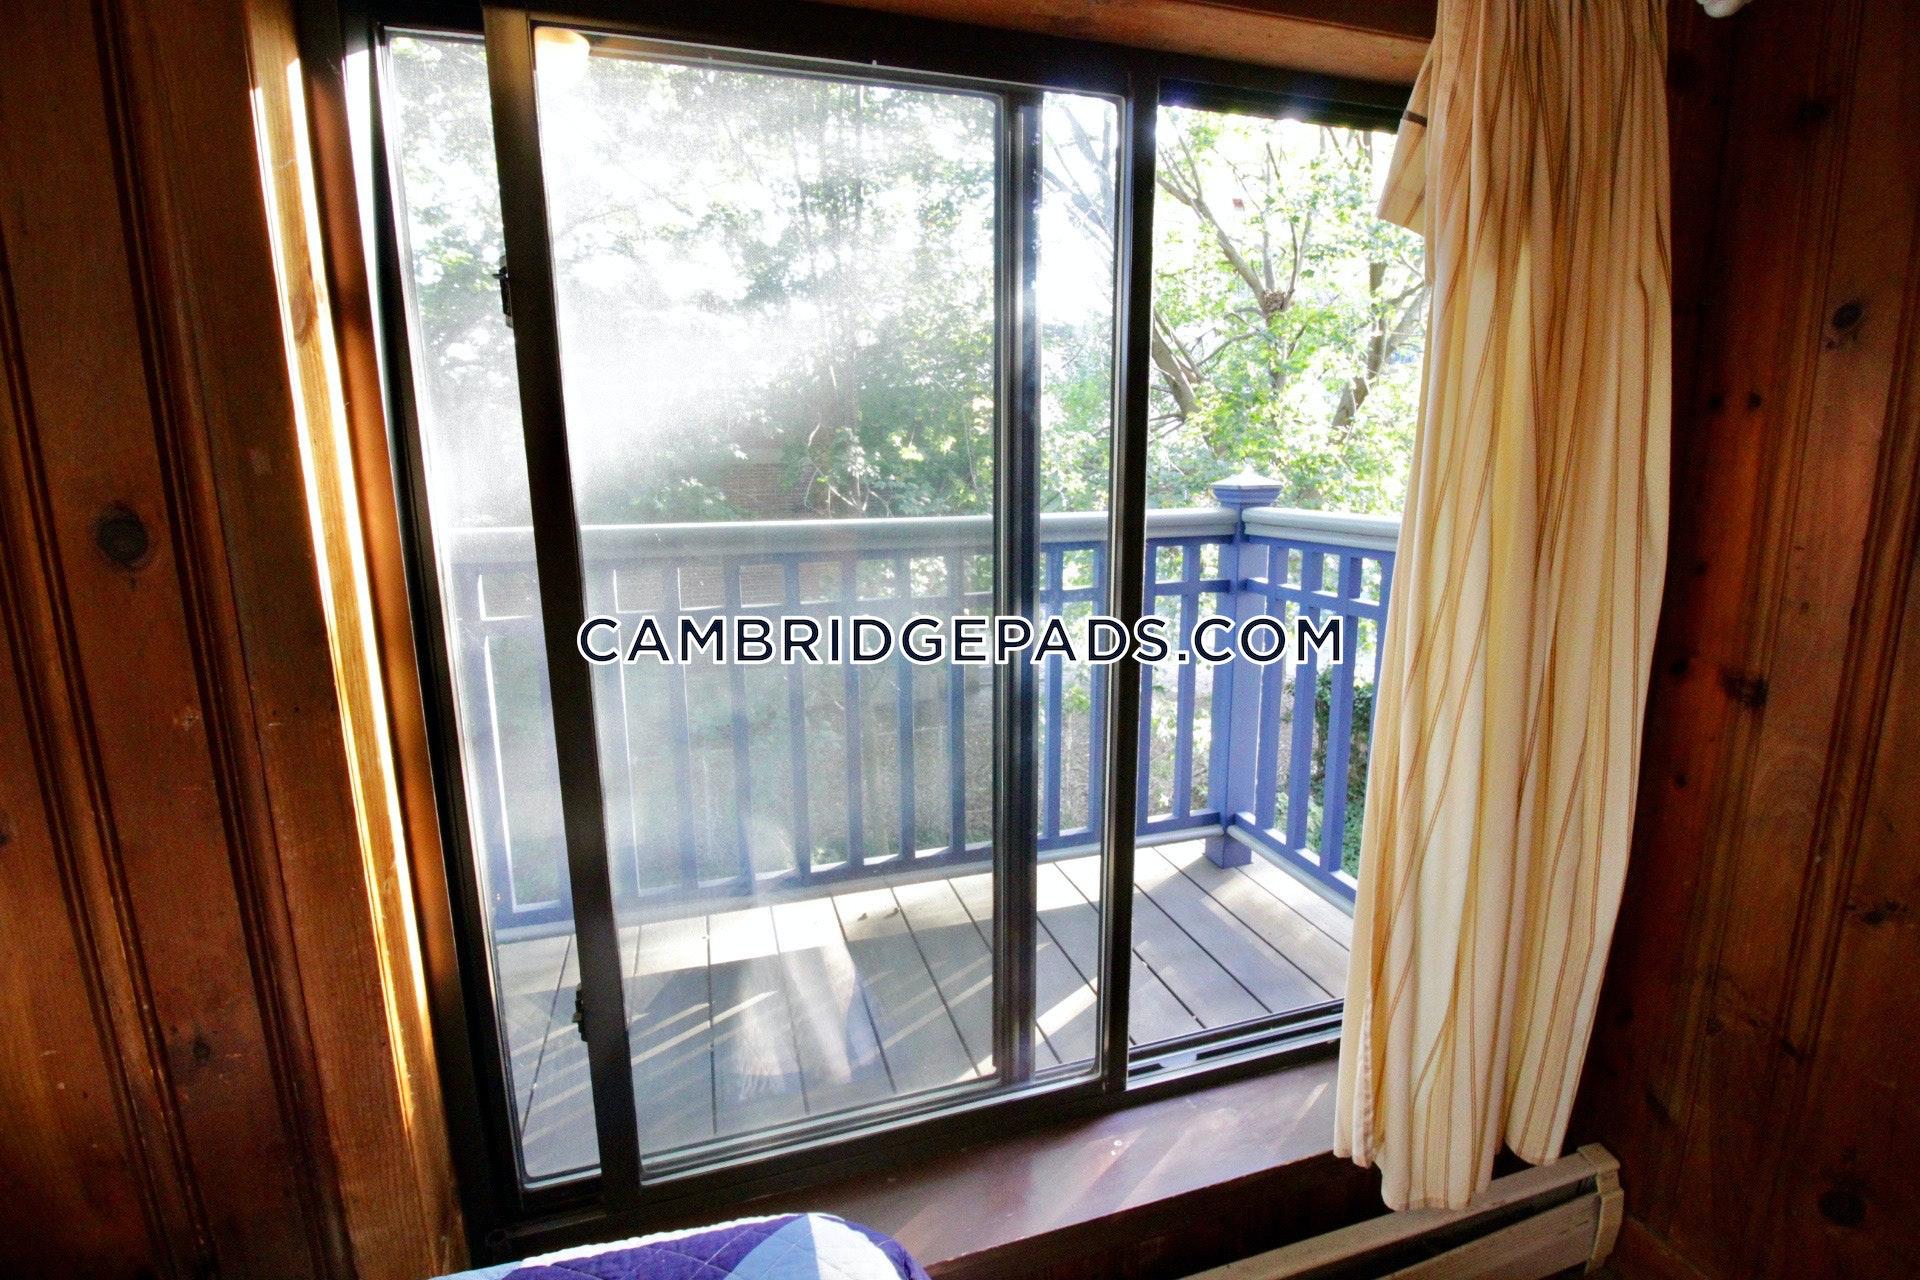 CAMBRIDGE - HARVARD SQUARE - $4,500